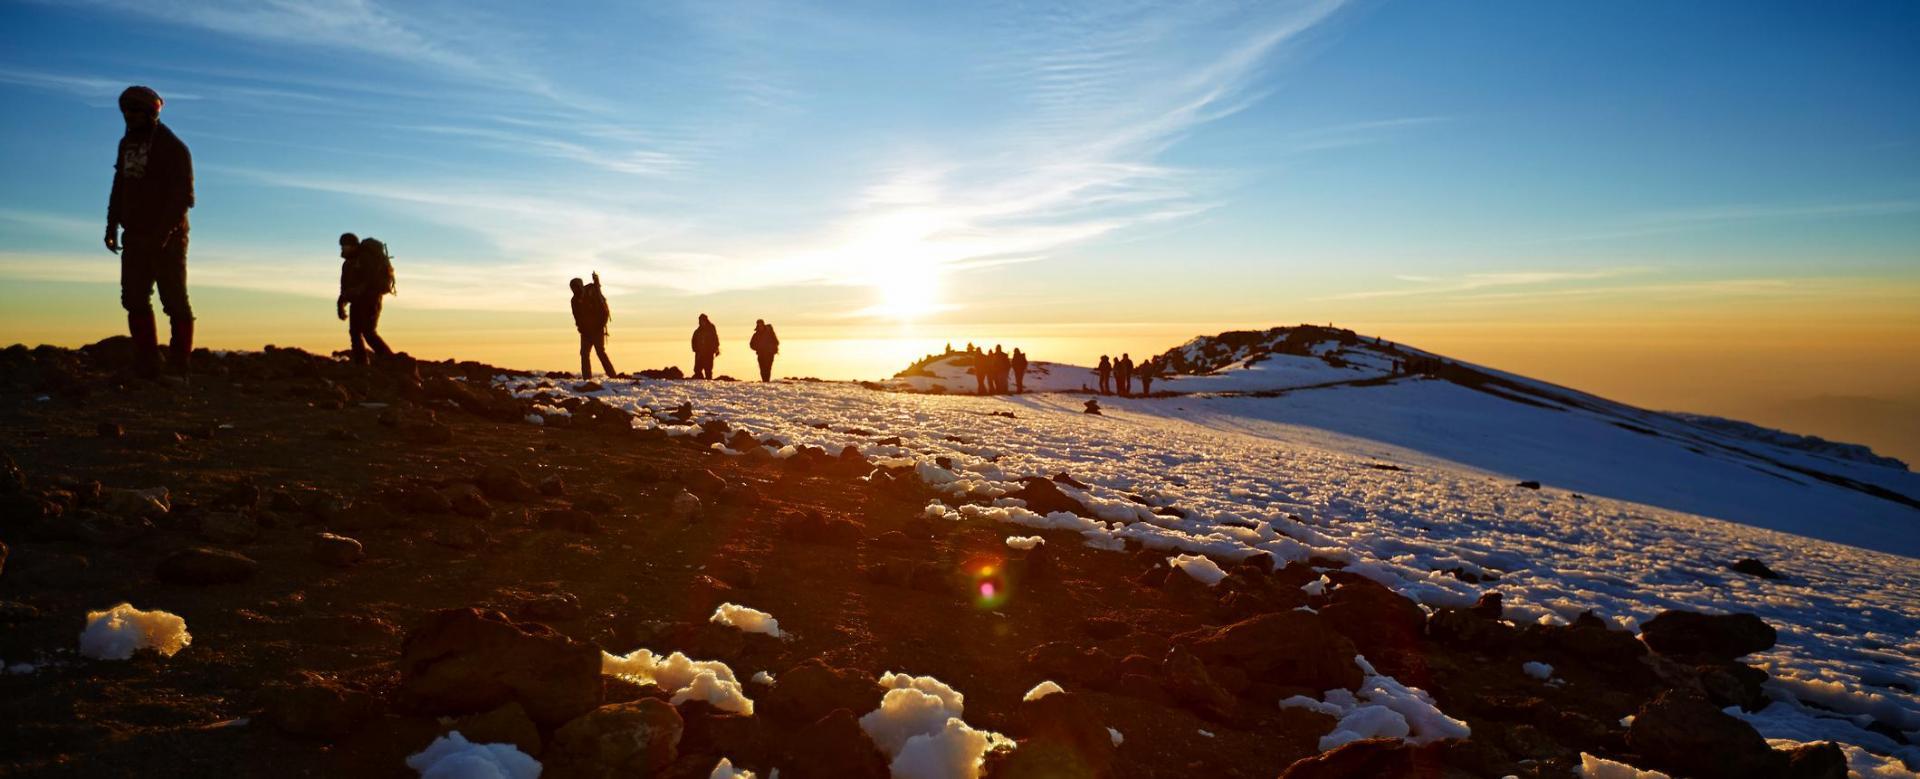 Voyage avec des animaux Tanzanie : Kilimandjaro : voie machame et big five